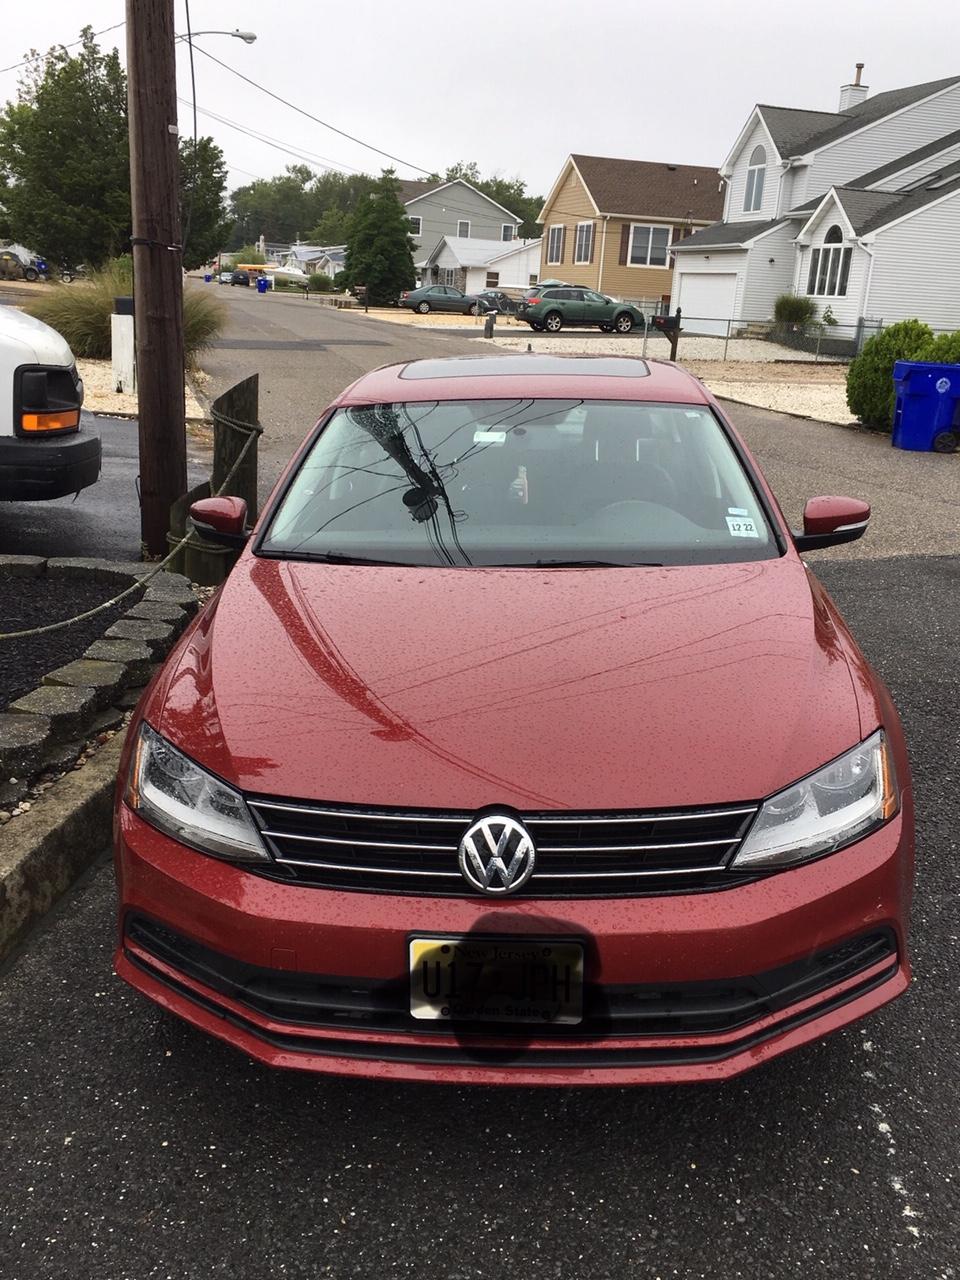 Ogłoszenie darmowe. Lokalizacja:  Brick,NJ. KUPIĘ / SPRZEDAM - Motoryzacja. Witam Do sprzedania mam Volkswagen.